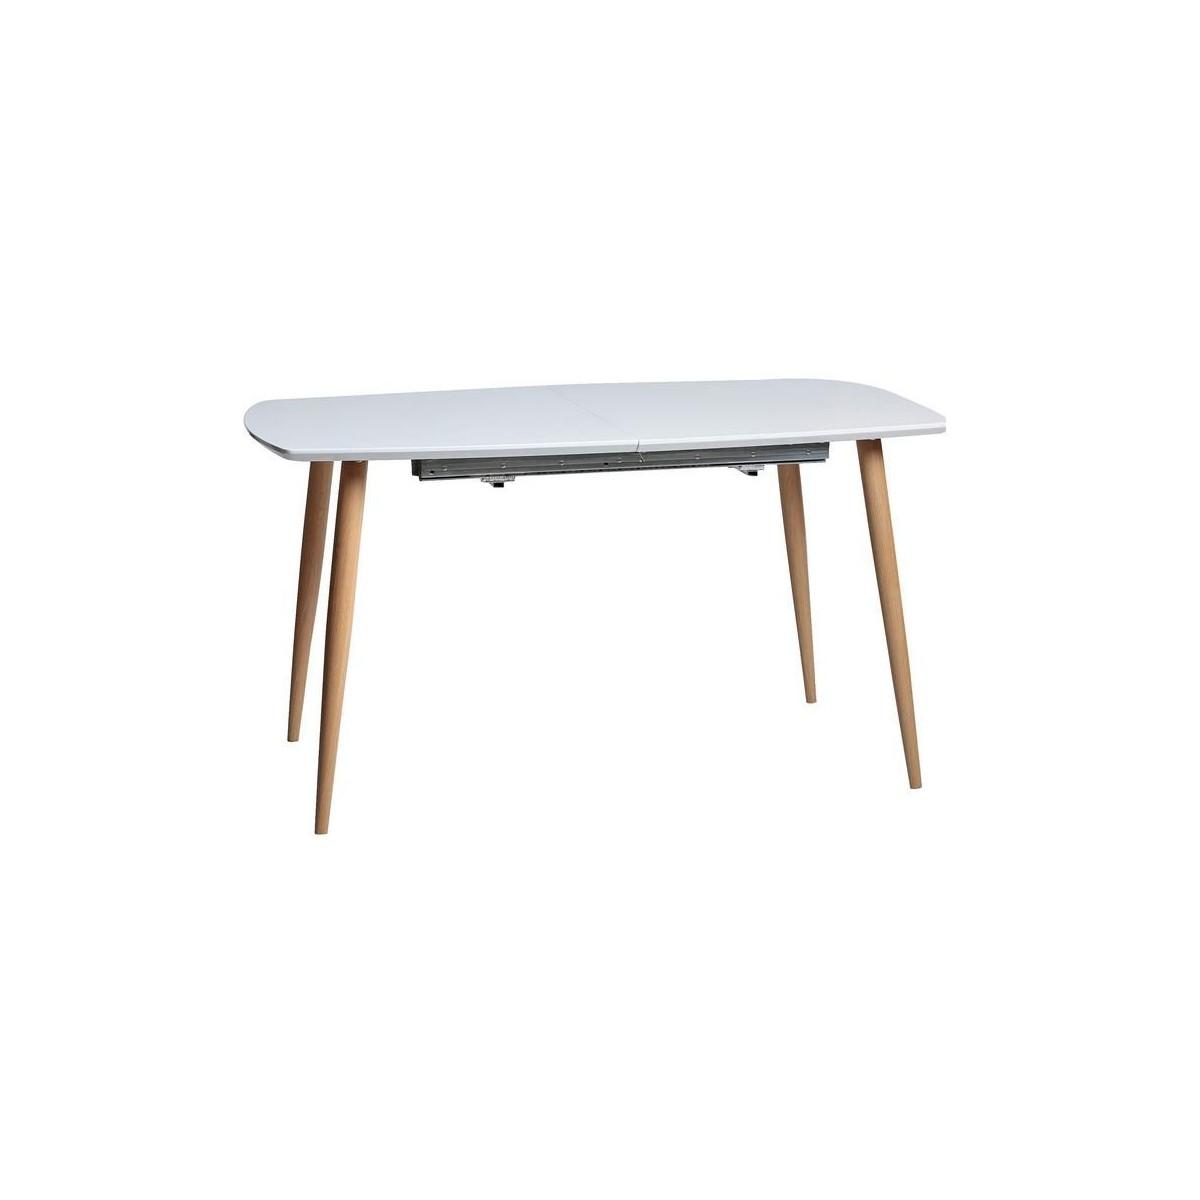 mesa de comedor extensible n rdica blanca de marckeric lena